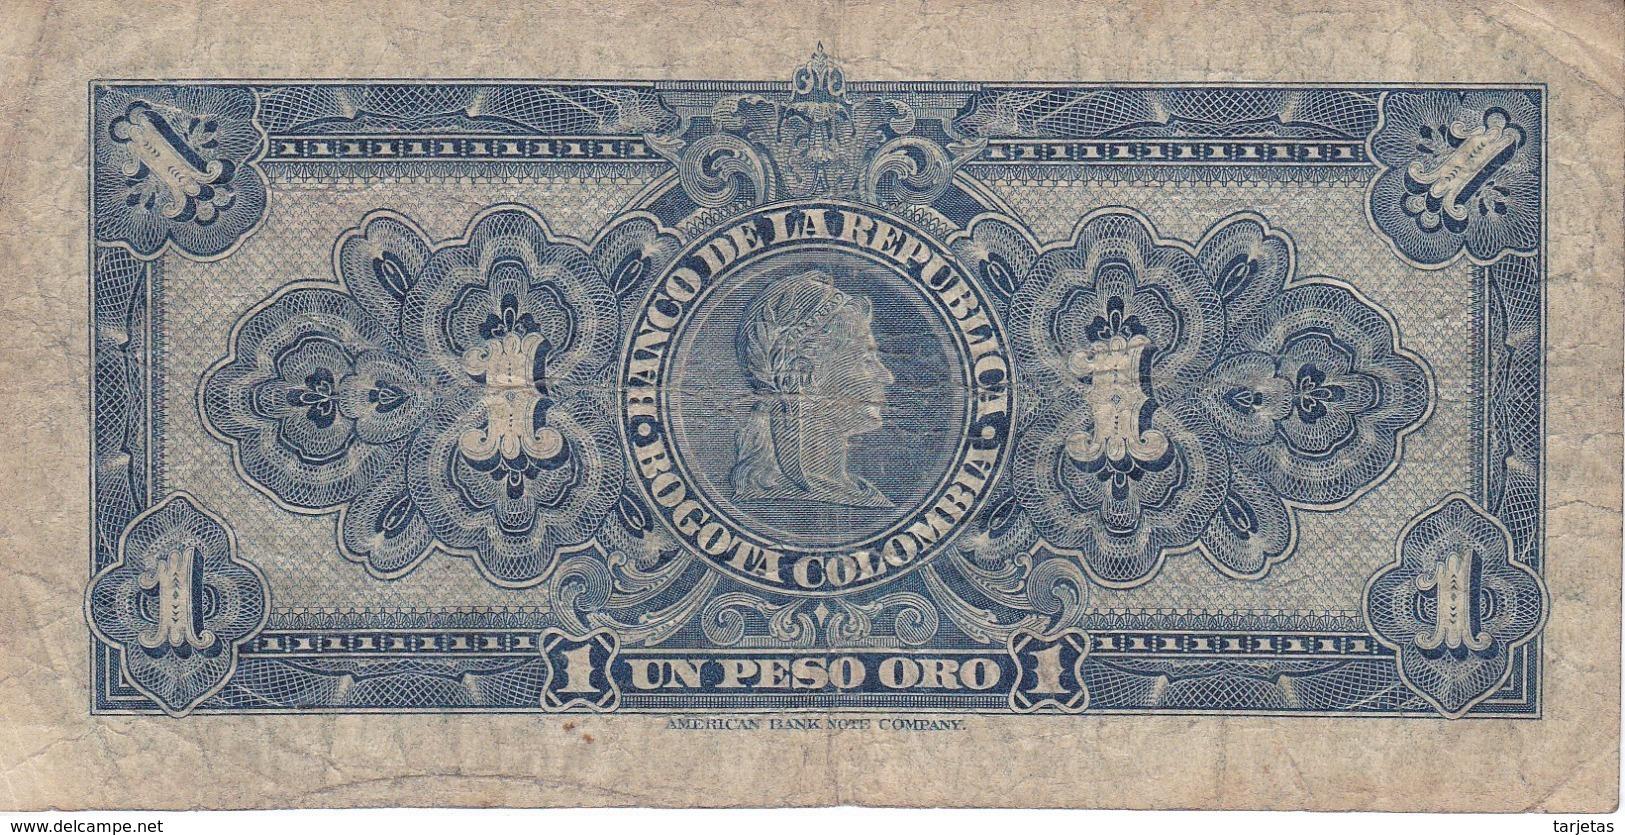 BILLETE DE COLOMBIA DE 1 PESO DE ORO DEL AÑO 1954  (BANK NOTE) - Kolumbien